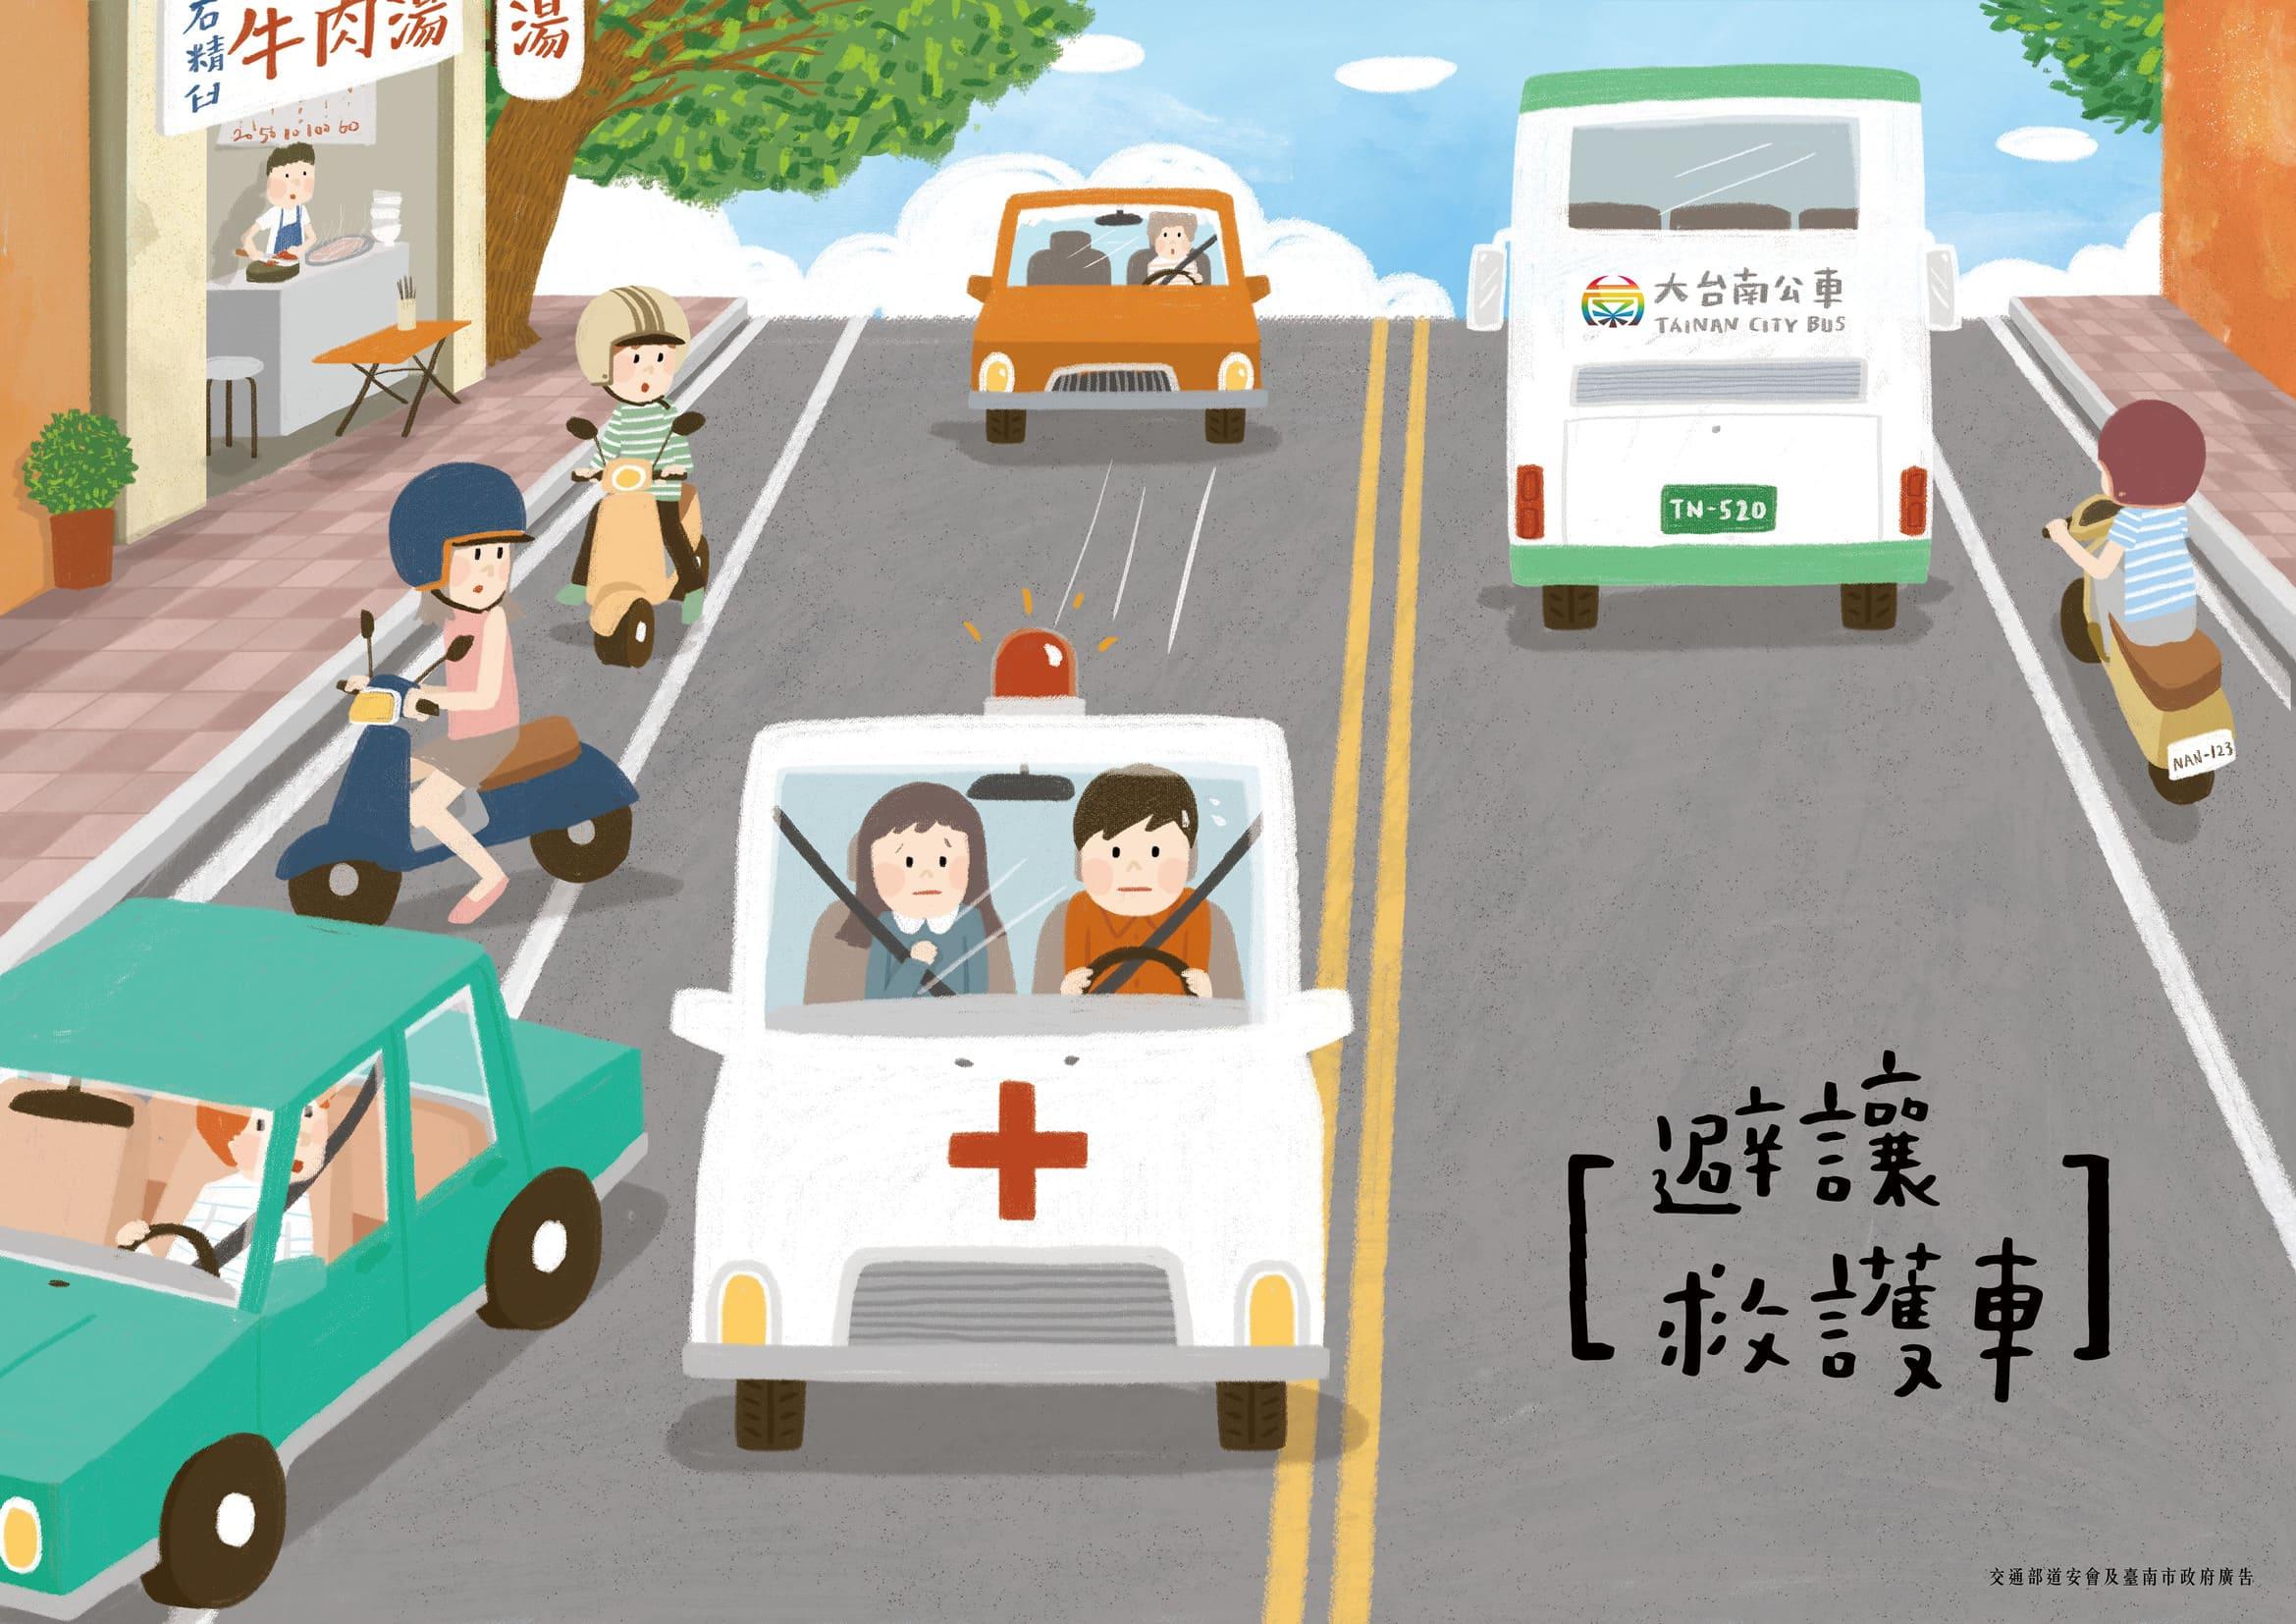 協助道安「避讓救護車」宣導  0